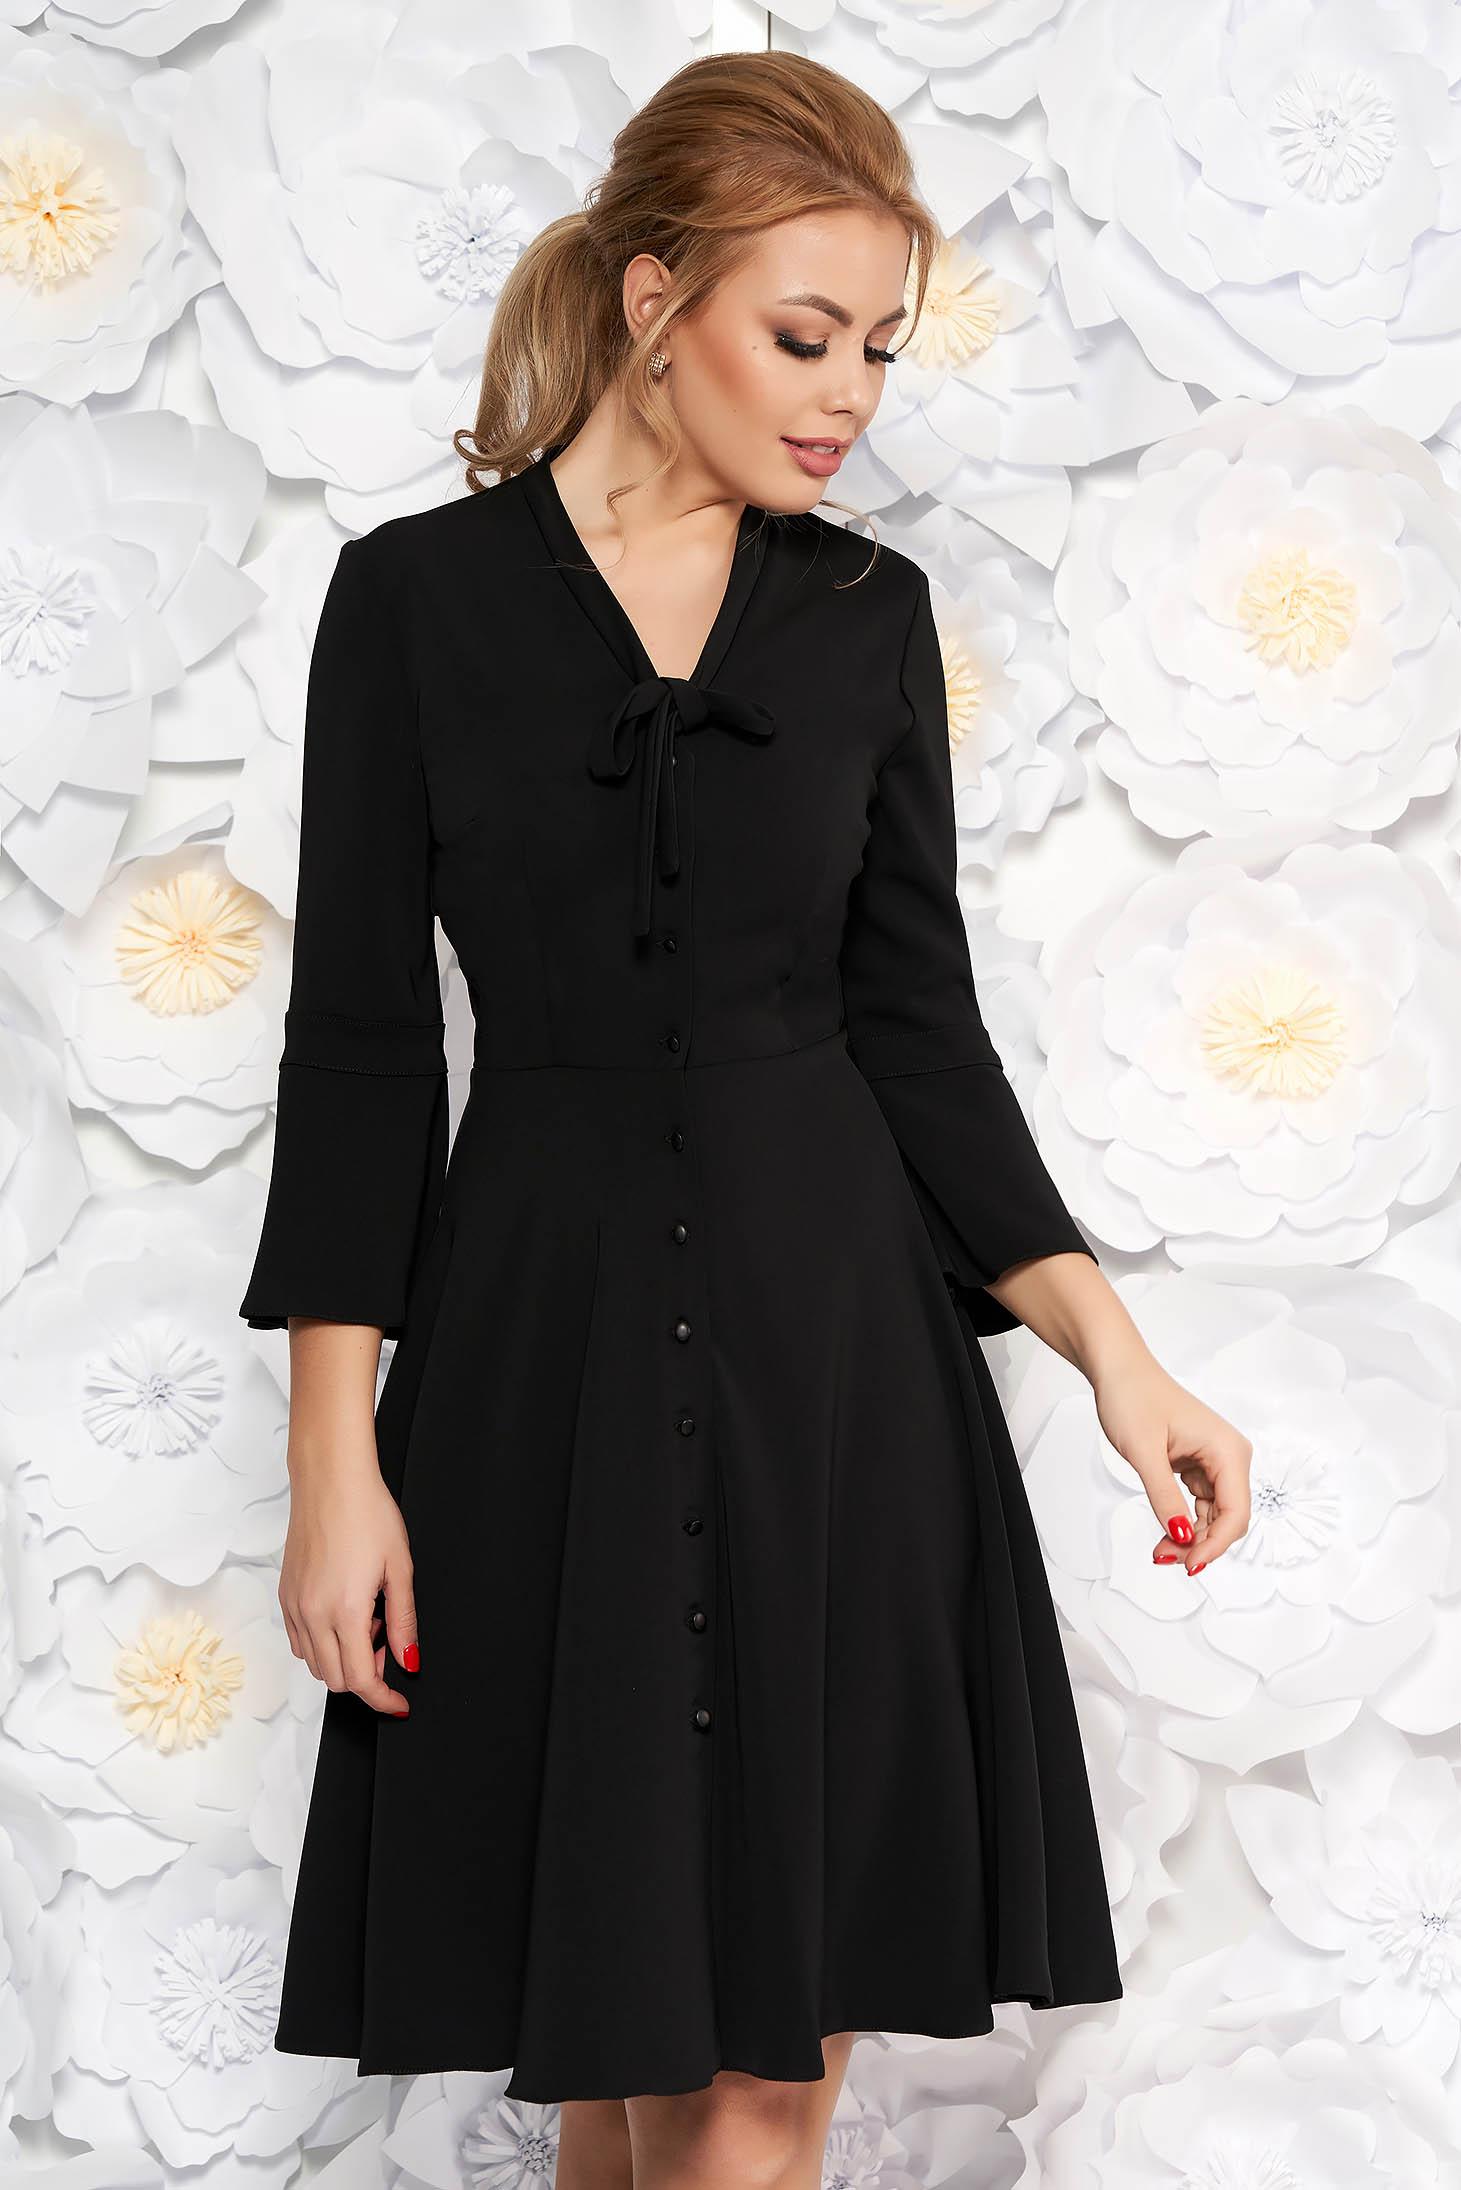 Fekete elegáns hétköznapi ruha gomb kiegészítőkkel deréktól bővülő szabás